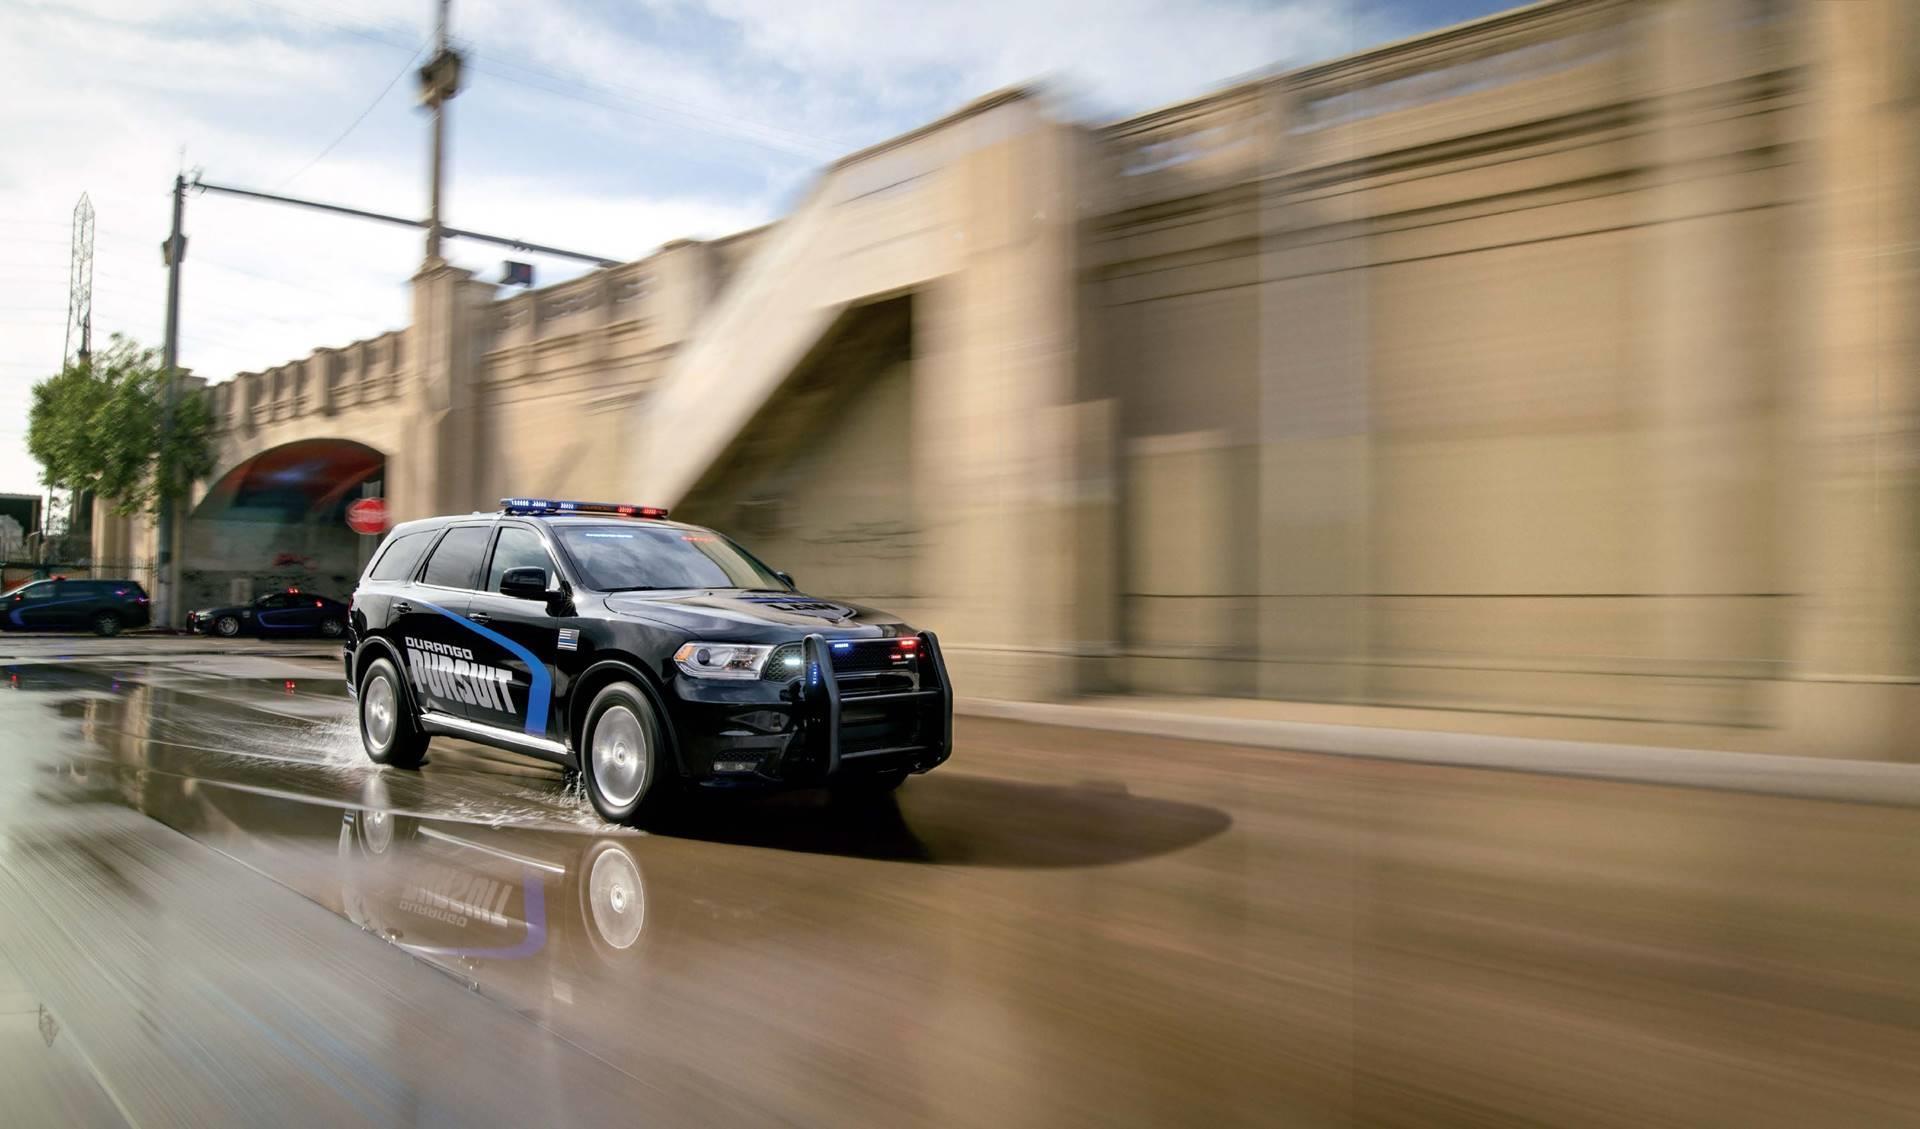 2021 Dodge Durango Police Pursuit News And Information Com